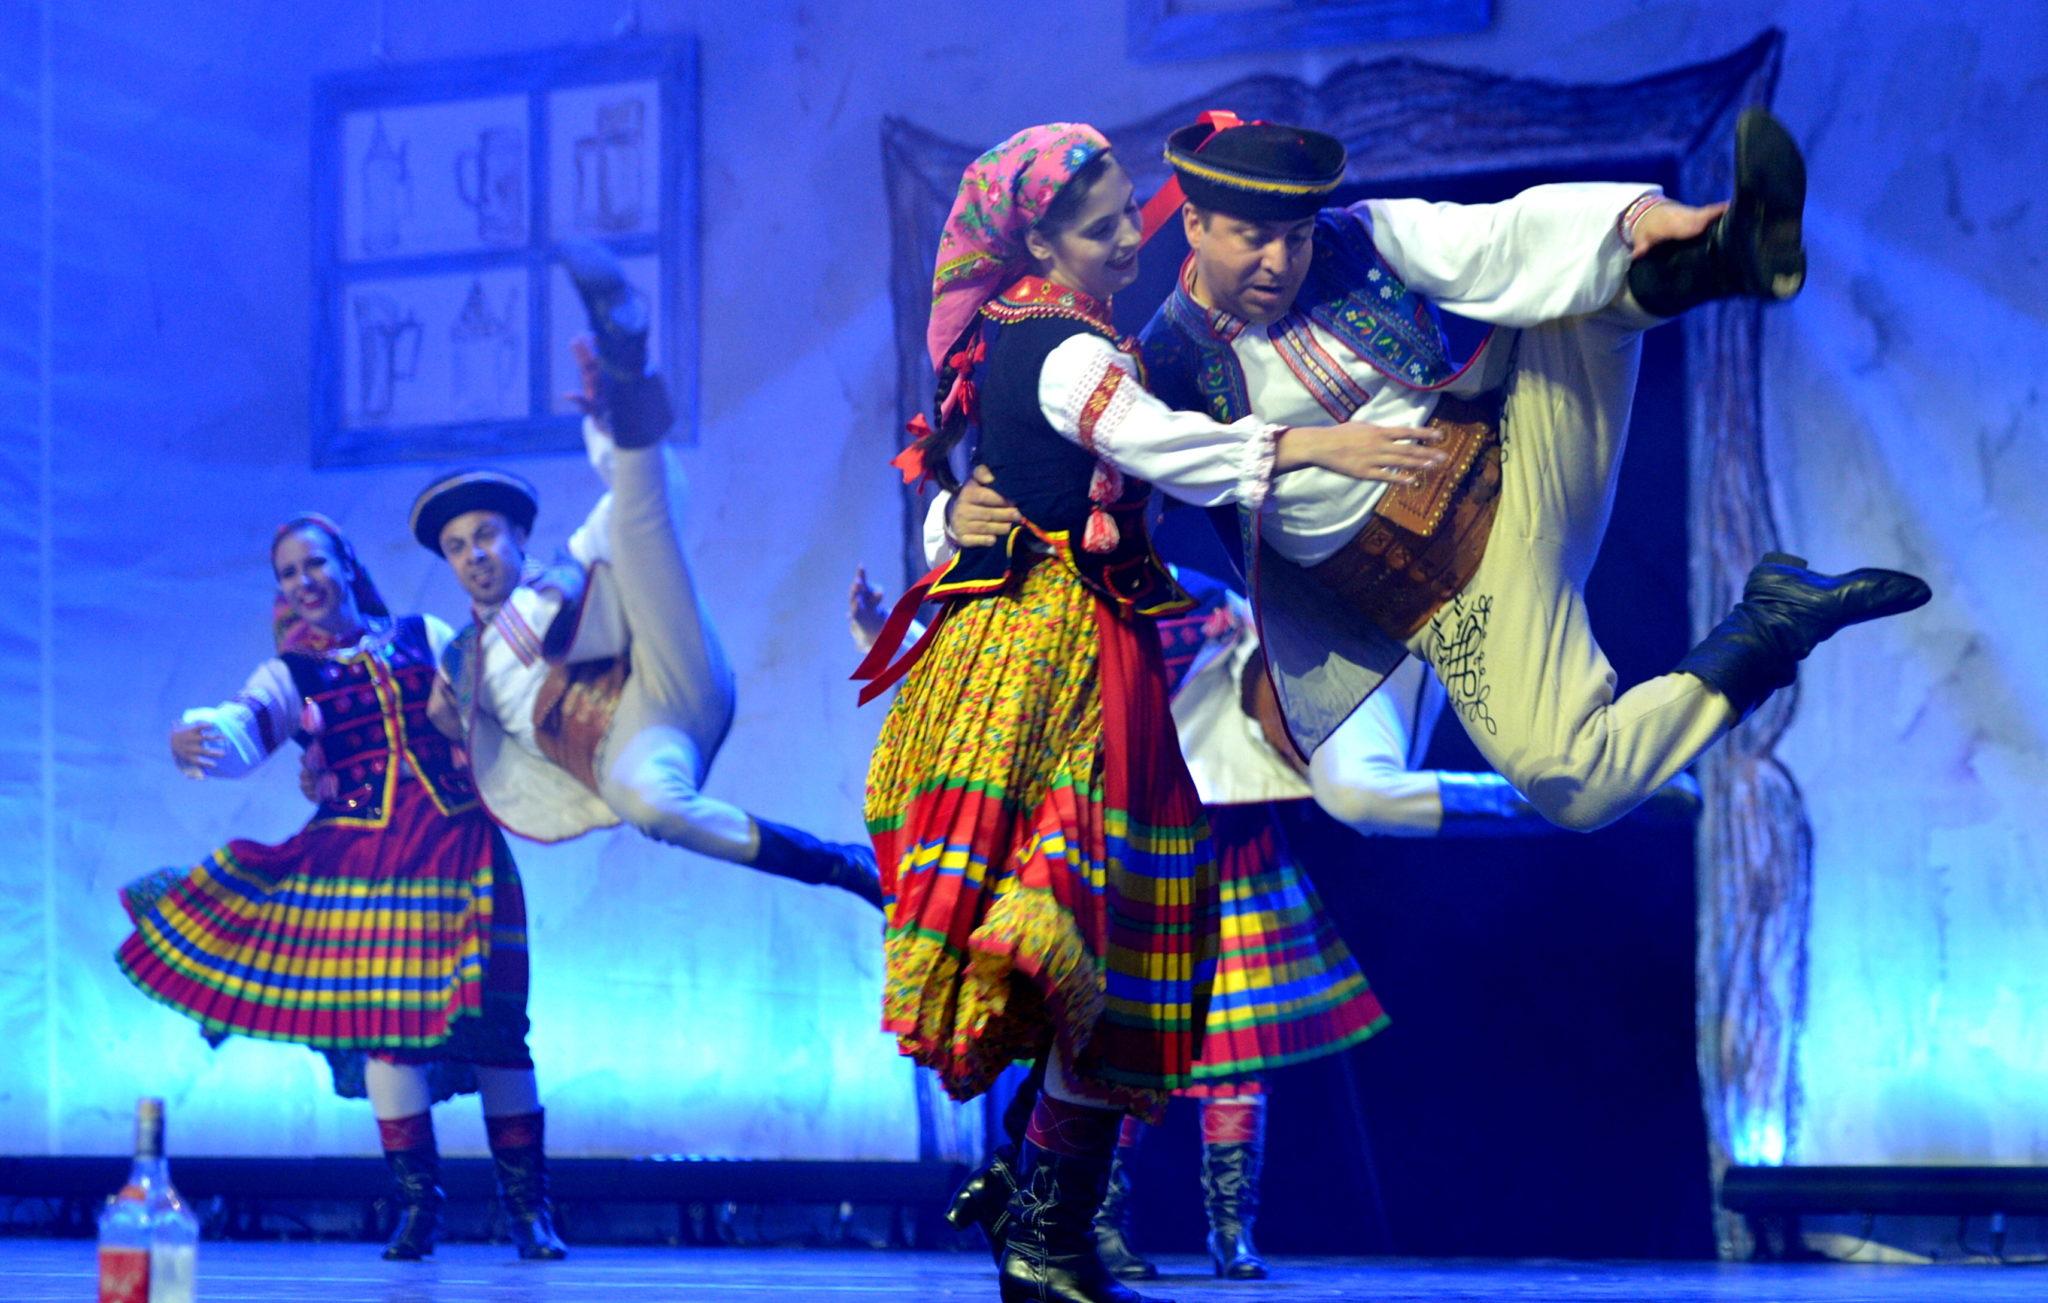 Rzeszów, XVII Światowy Festiwal Polonijnych Zespołów Folklorystycznych podczas koncertu galowego